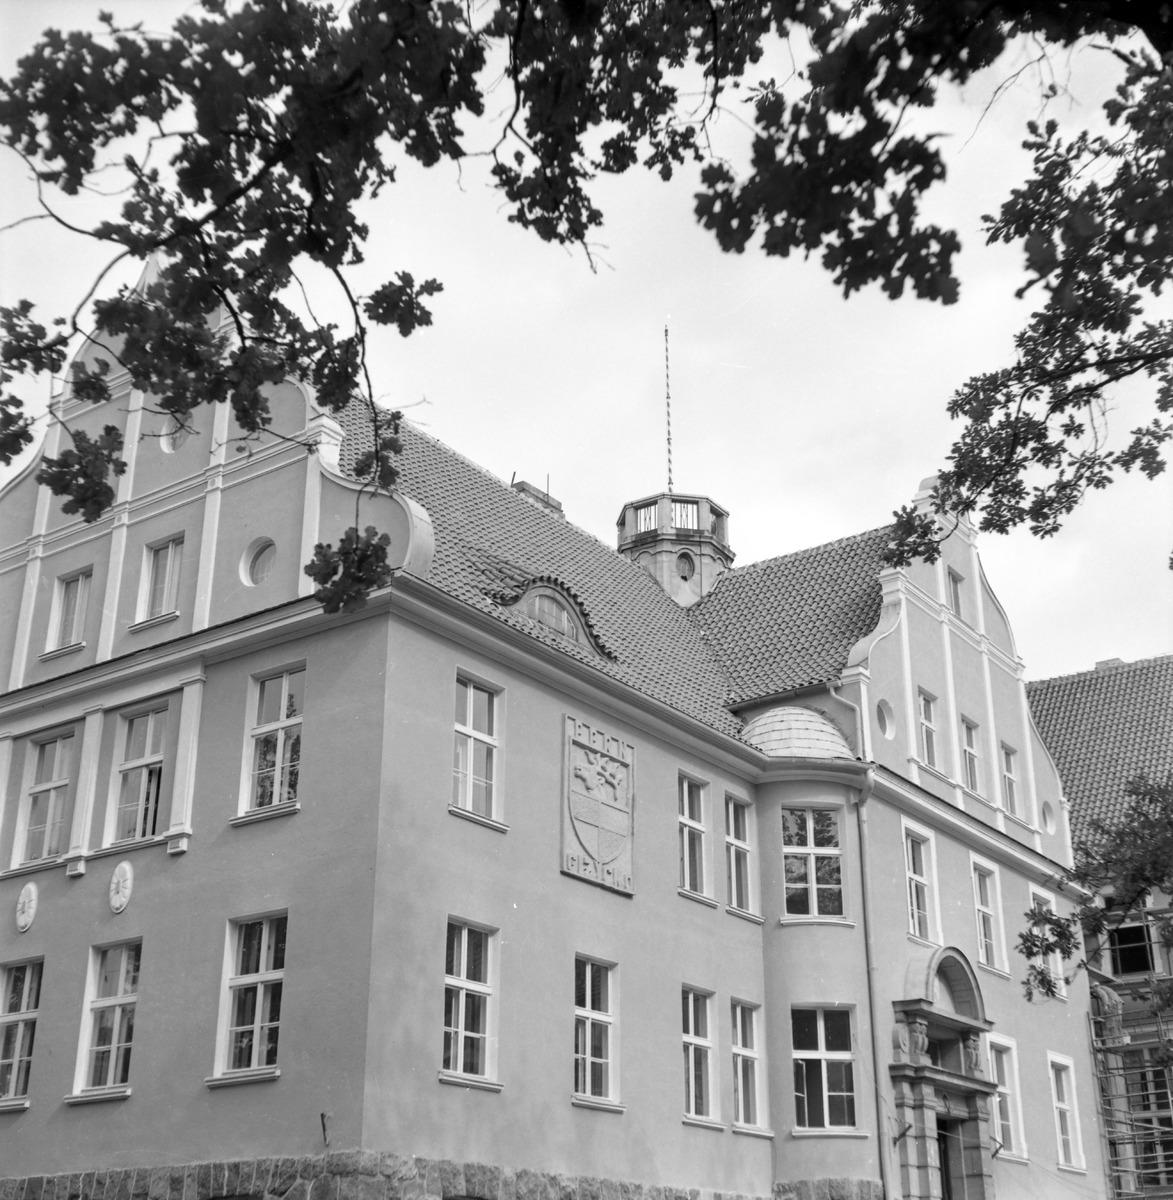 Południowa fasada Urzędu Miejskiego [1]